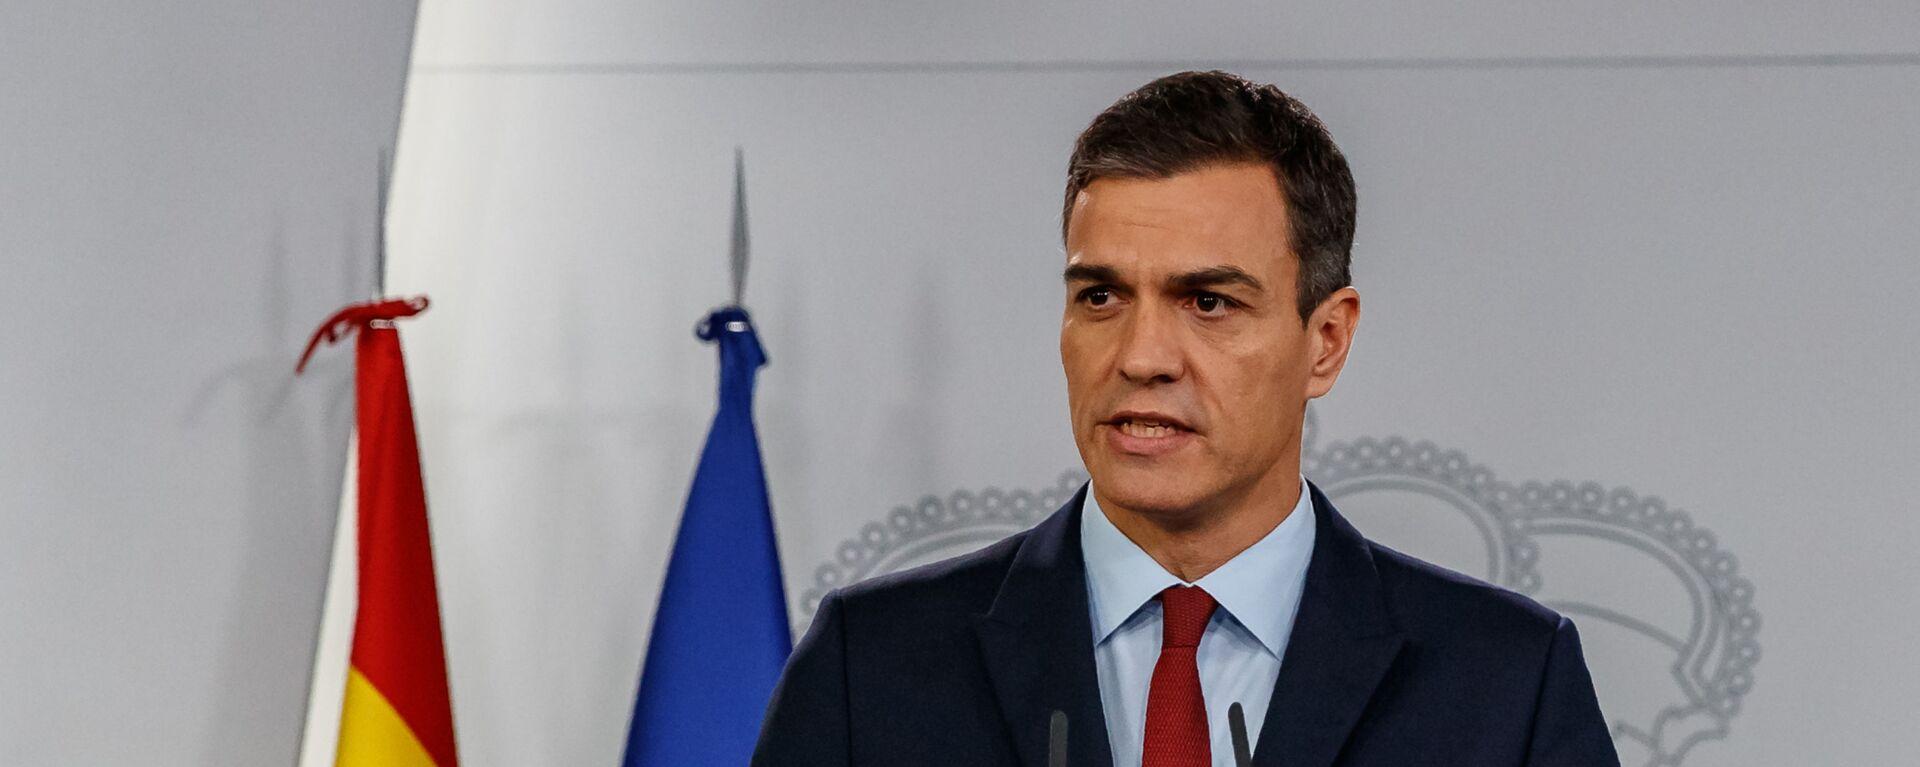 Premier ad interim spagnolo Pedro Sanchez - Sputnik Italia, 1920, 09.06.2021